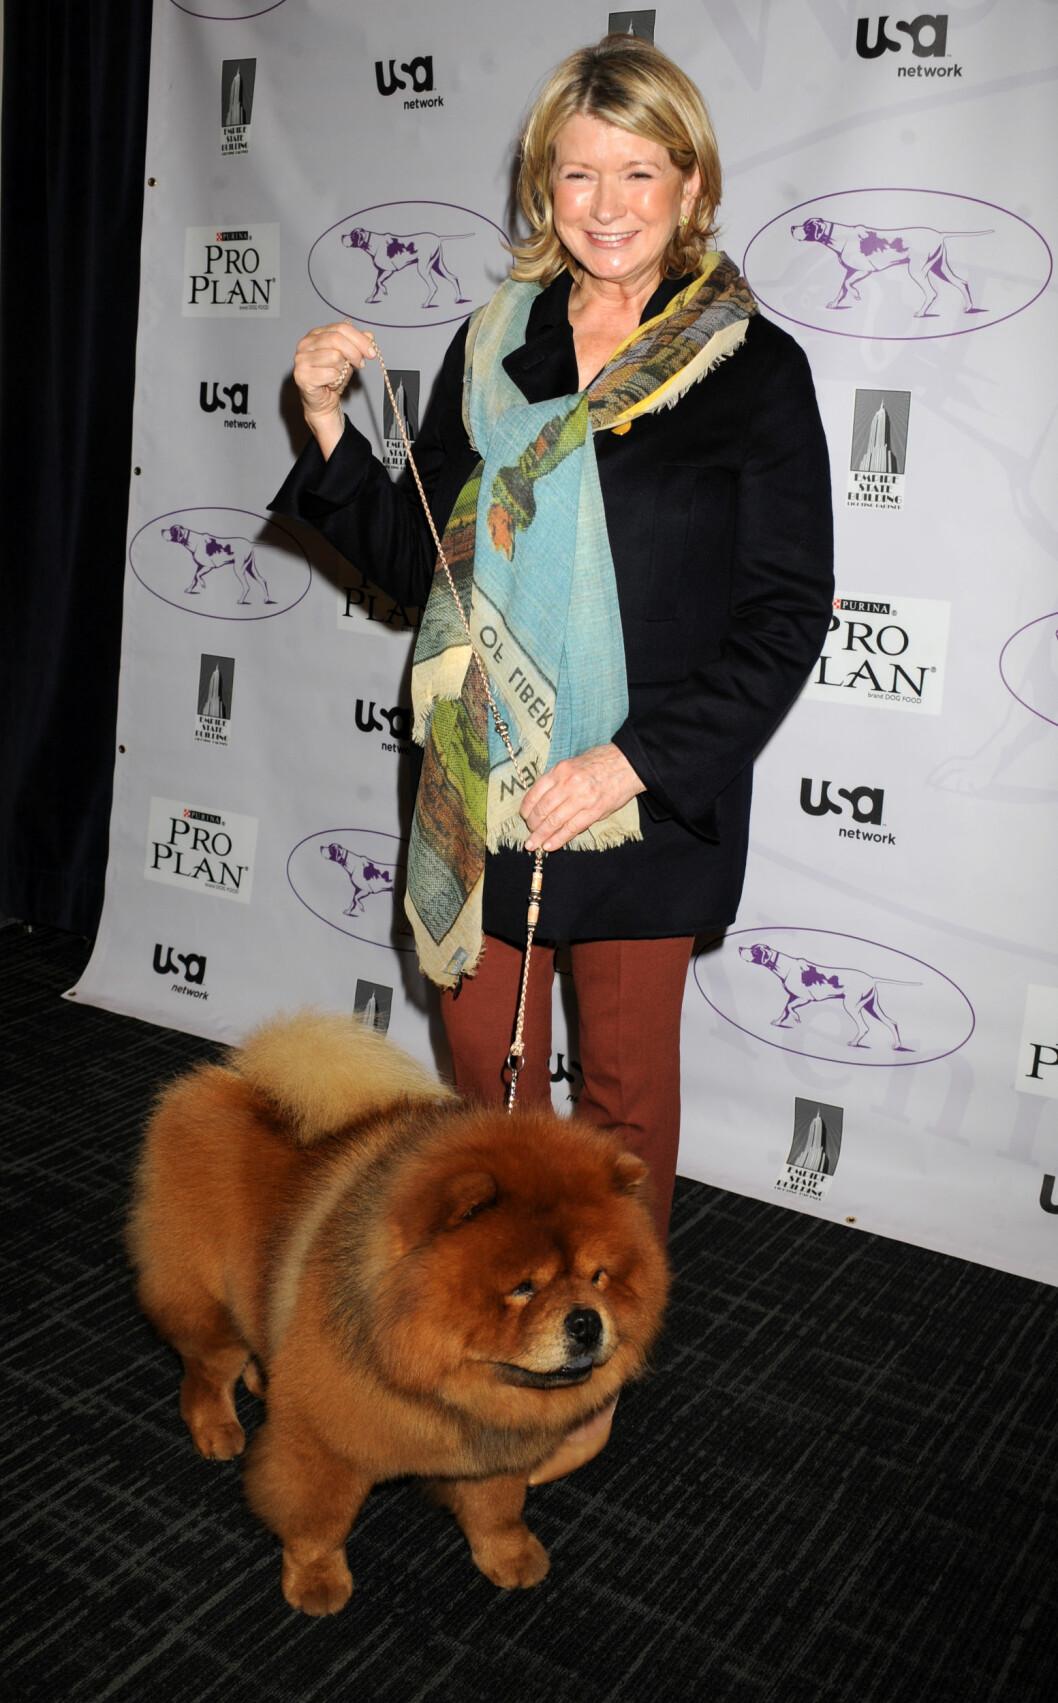 KJENDISHUND: Martha Stewart har fire hunder, og her er hun med en av dem på et hundeshow i New York. Foto: Fame Flynet/All Over